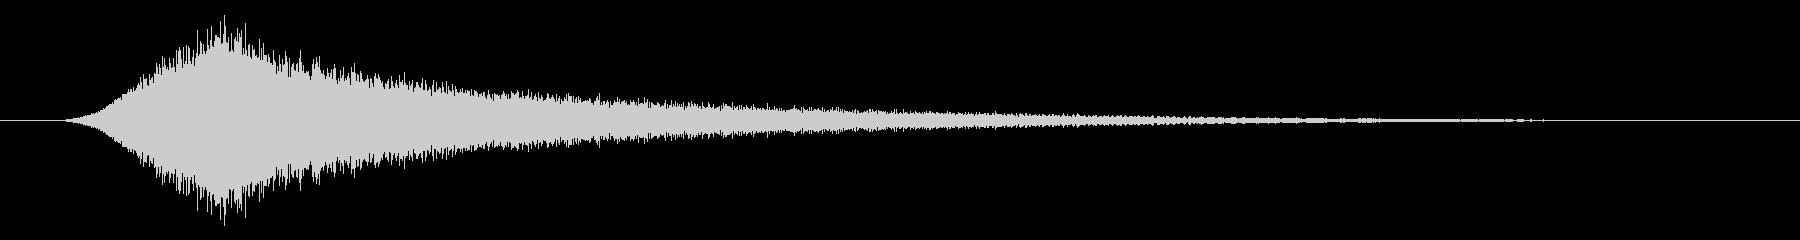 シュイーン/転送/受信/帰還の未再生の波形